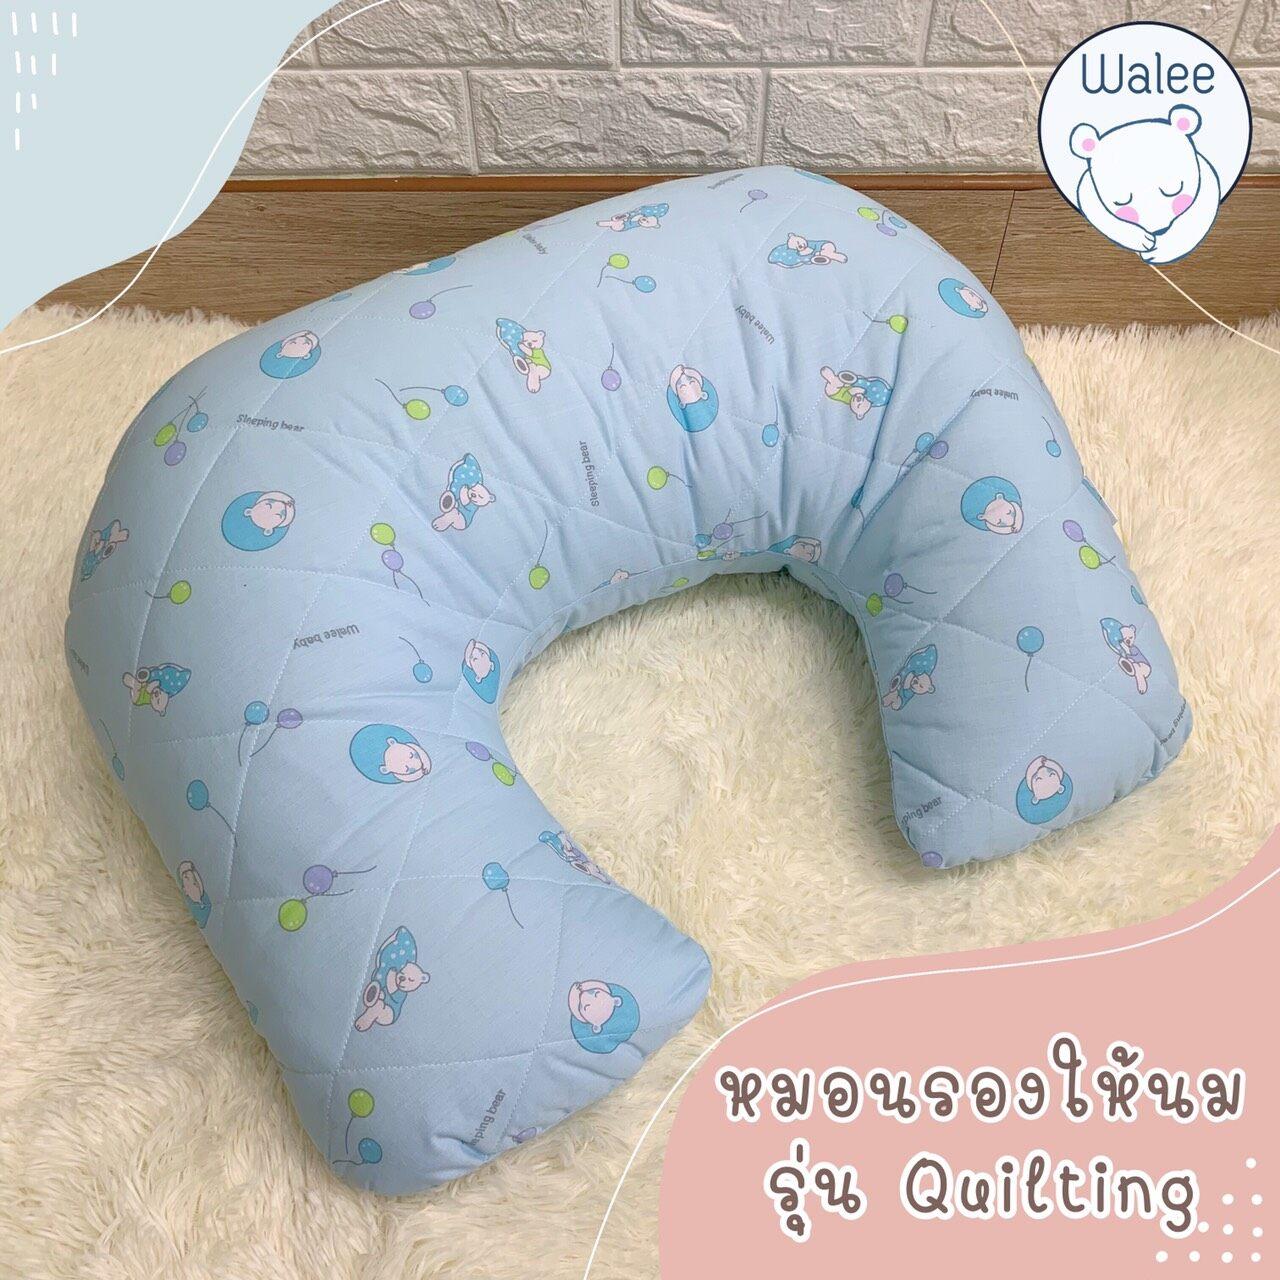 ราคา Walee หมอนรองให้นม ใบใหญ่ Nursing Pillow เดินลายQuilting